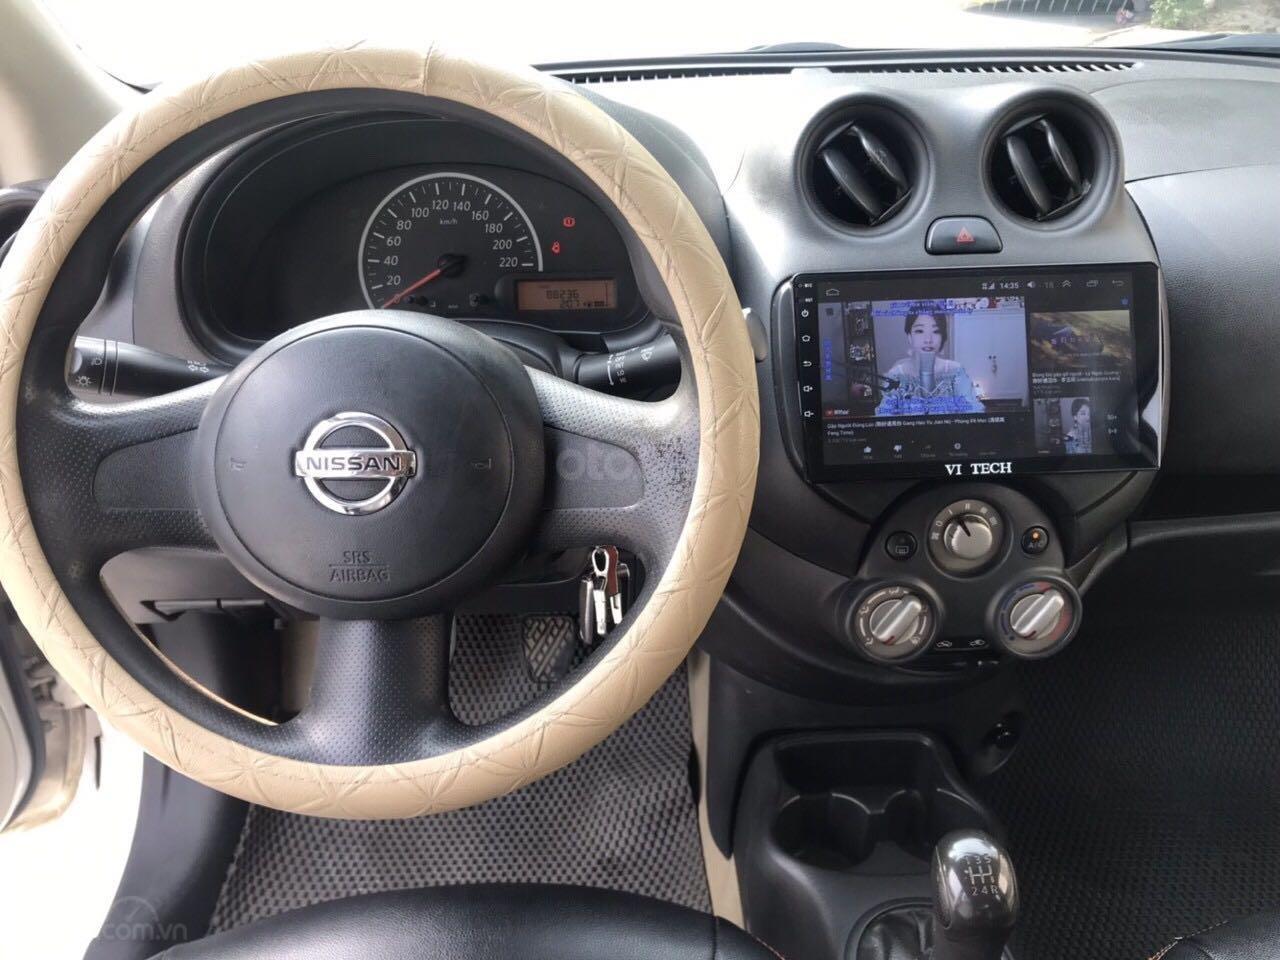 Bán ô tô Nissan Sunny sản xuất 2013, chợ ô tô cũ Mỹ Đình (5)